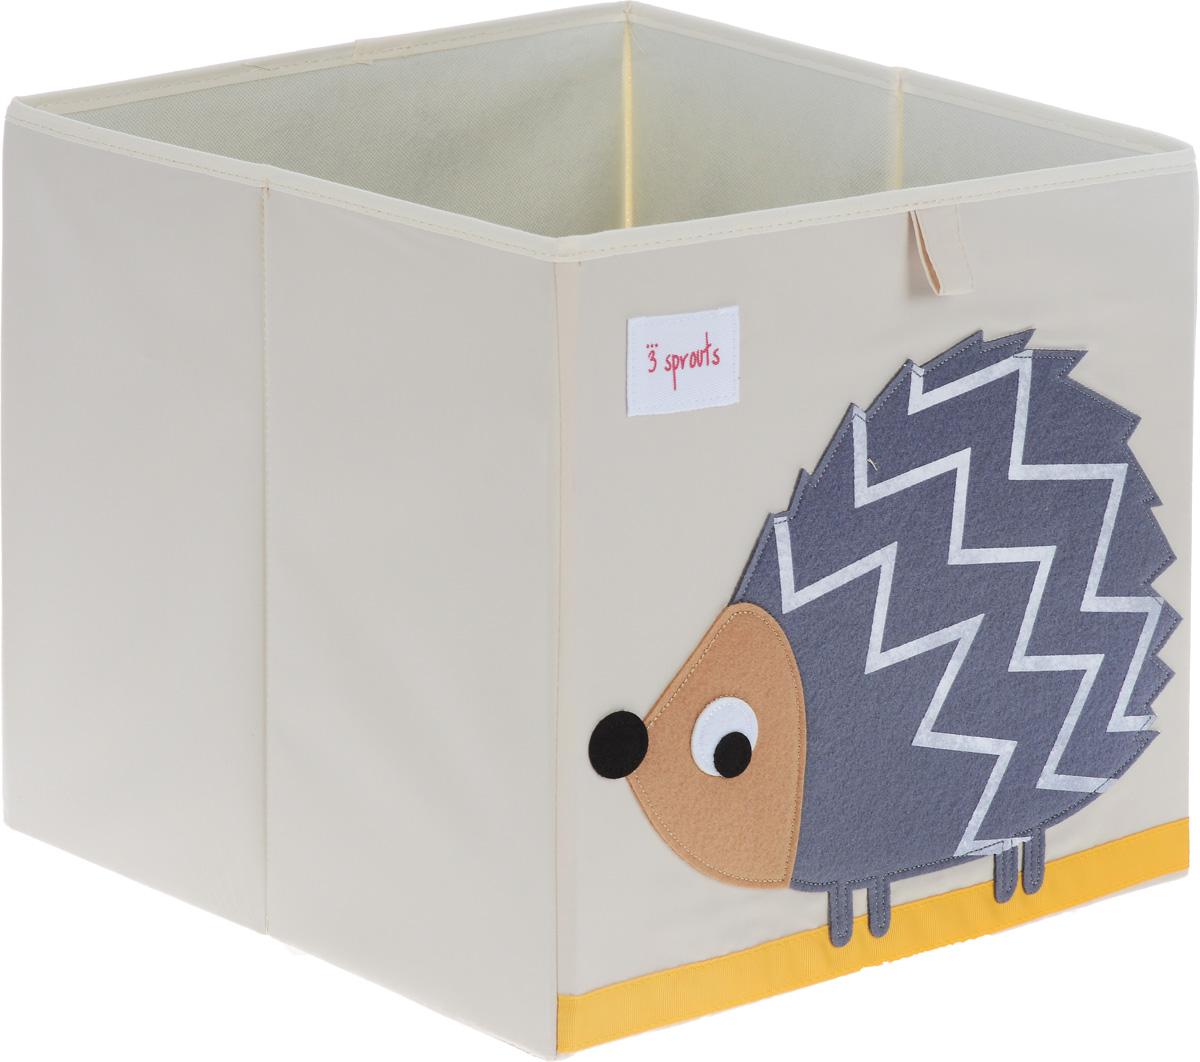 3 Sprouts Коробка для хранения Ежик790009Универсальная коробка для хранения 3 Sprouts Ежик - это отличный вариант организации пространства любой комнаты.Стороны коробки усилены с помощью картона, поэтому она всегда стоит ровно. Помещается практически во все стеллажи с квадратными отсеками и добавляет озорства любой комнате. Стоит ли коробка отдельно или на полке стеллажа, она обеспечит прекрасную организацию в вашем доме.Уход: снаружи - только выведение пятен.